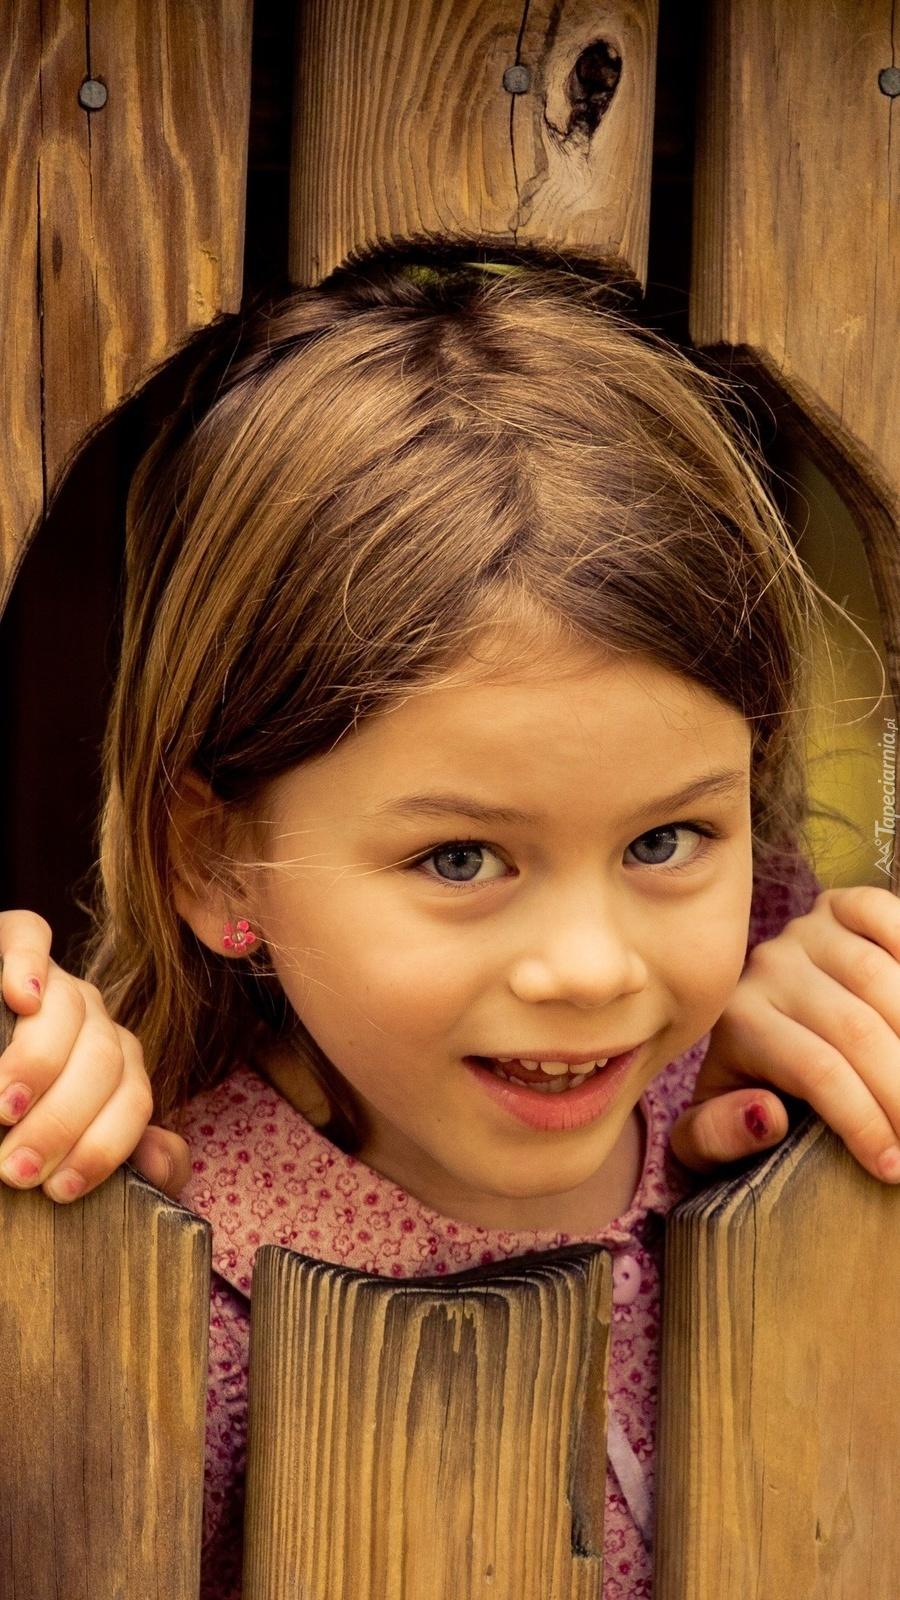 Dziewczynka wyglądająca przez dziurę w płocie